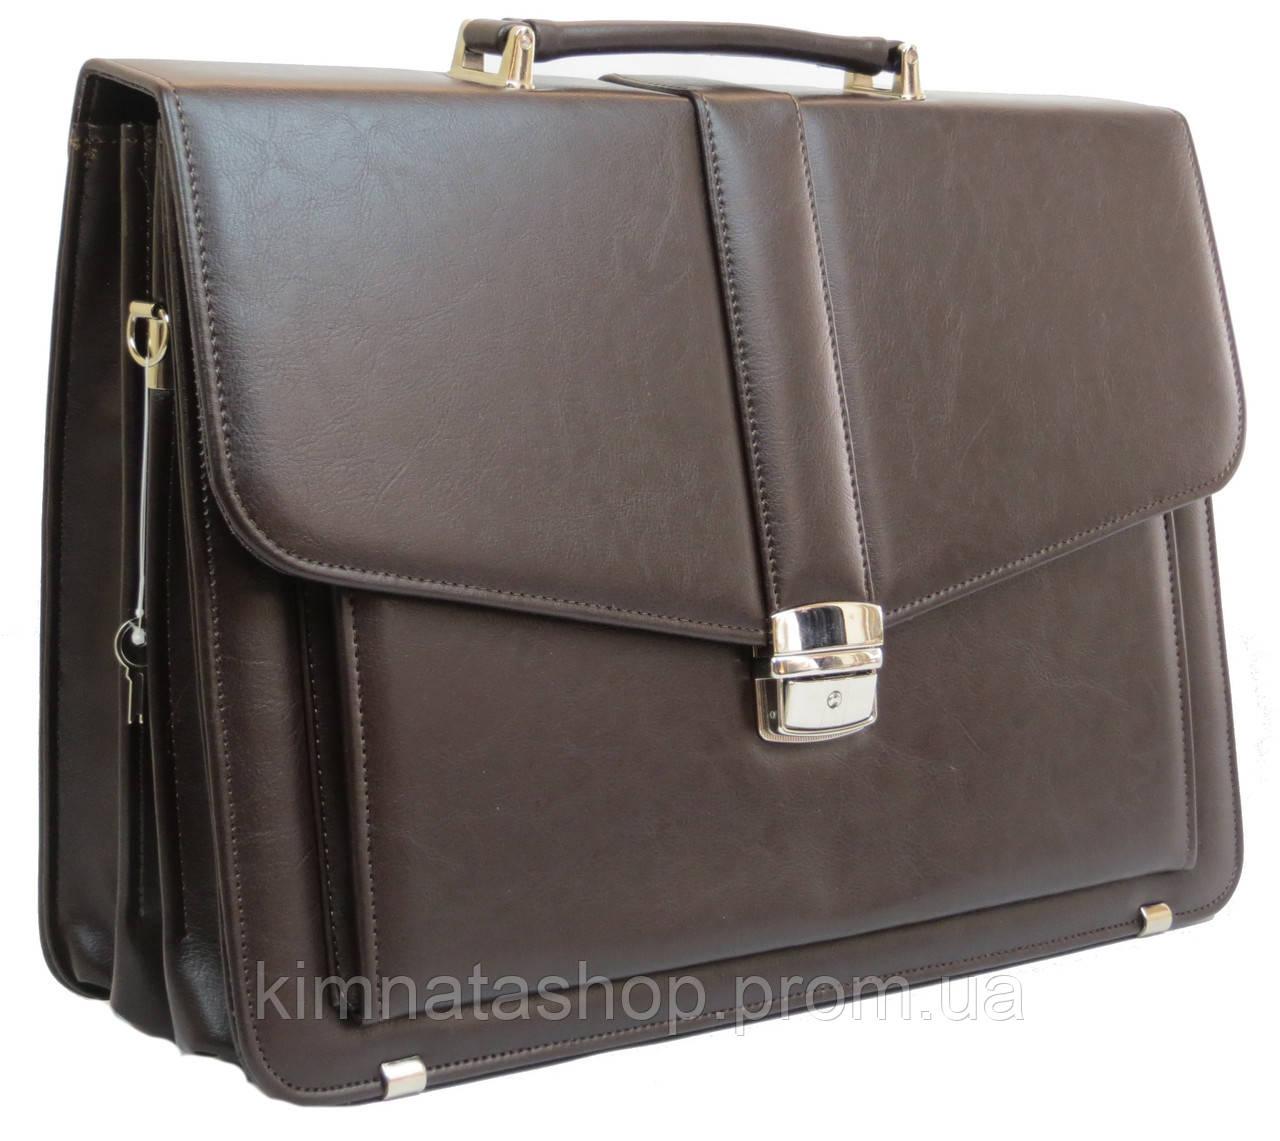 Классический мужской портфель из эко кожи AMO, Польша SST11 коричневый